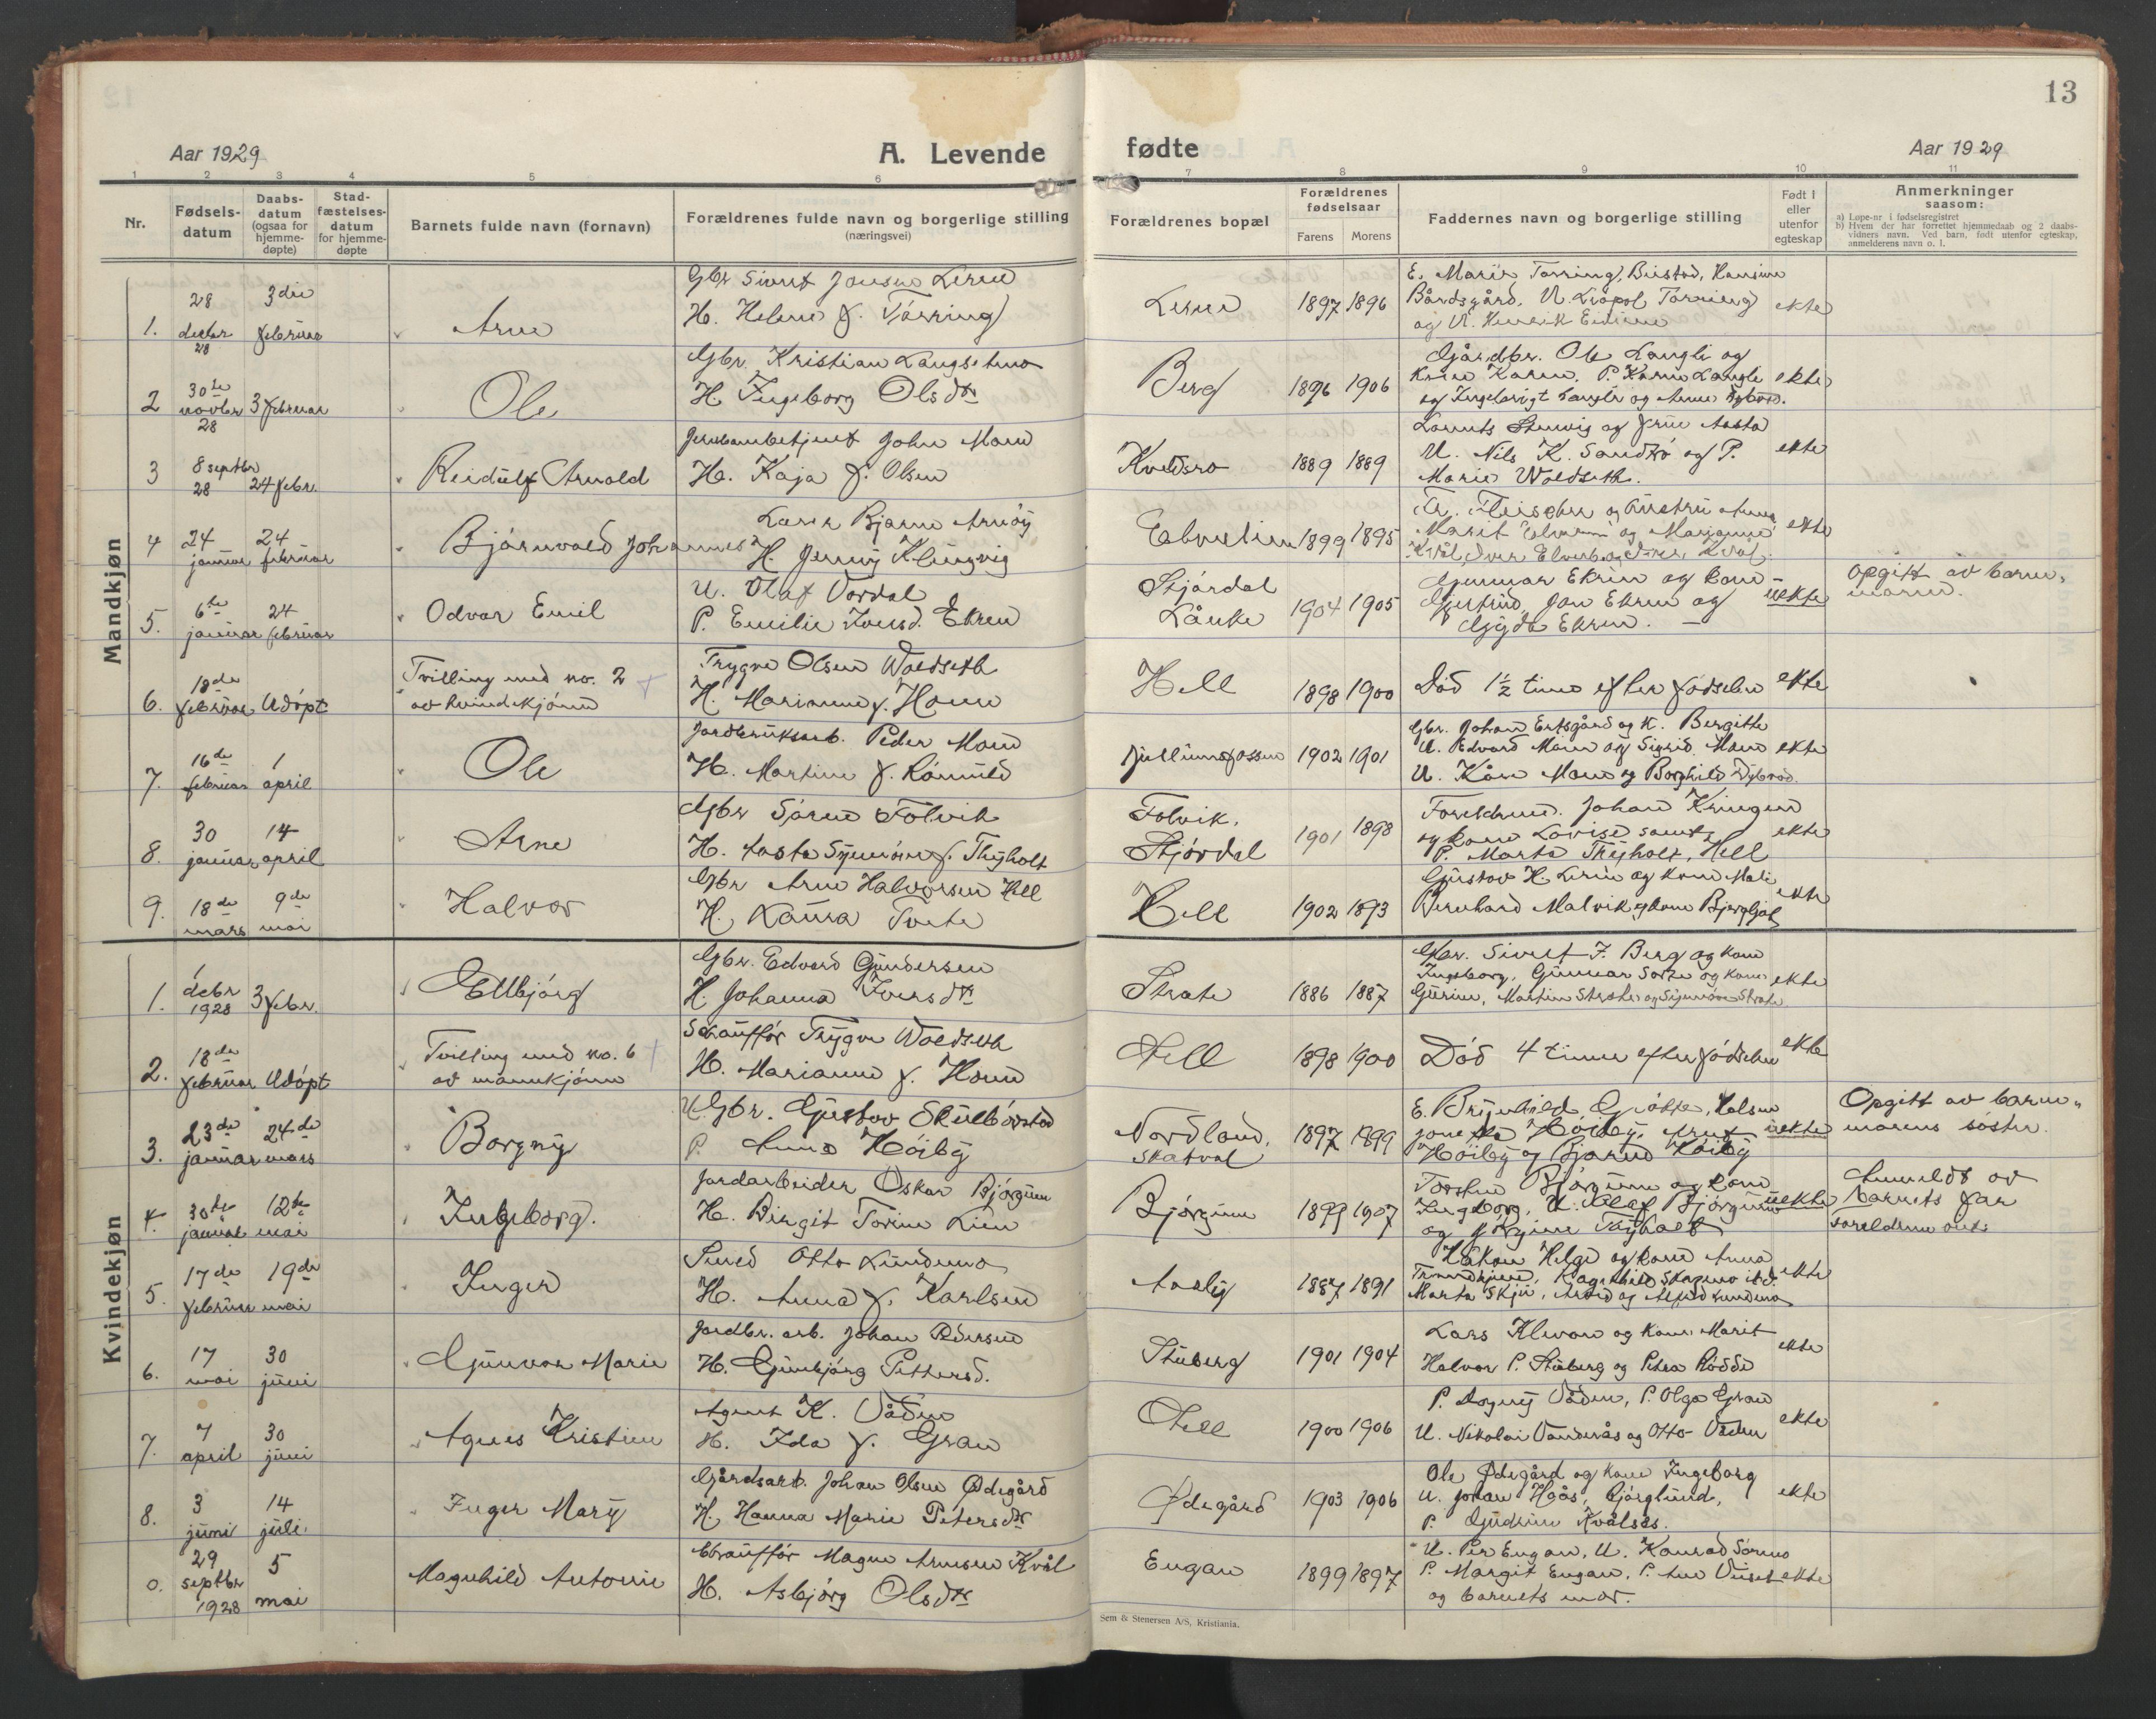 SAT, Ministerialprotokoller, klokkerbøker og fødselsregistre - Nord-Trøndelag, 710/L0097: Klokkerbok nr. 710C02, 1925-1955, s. 13